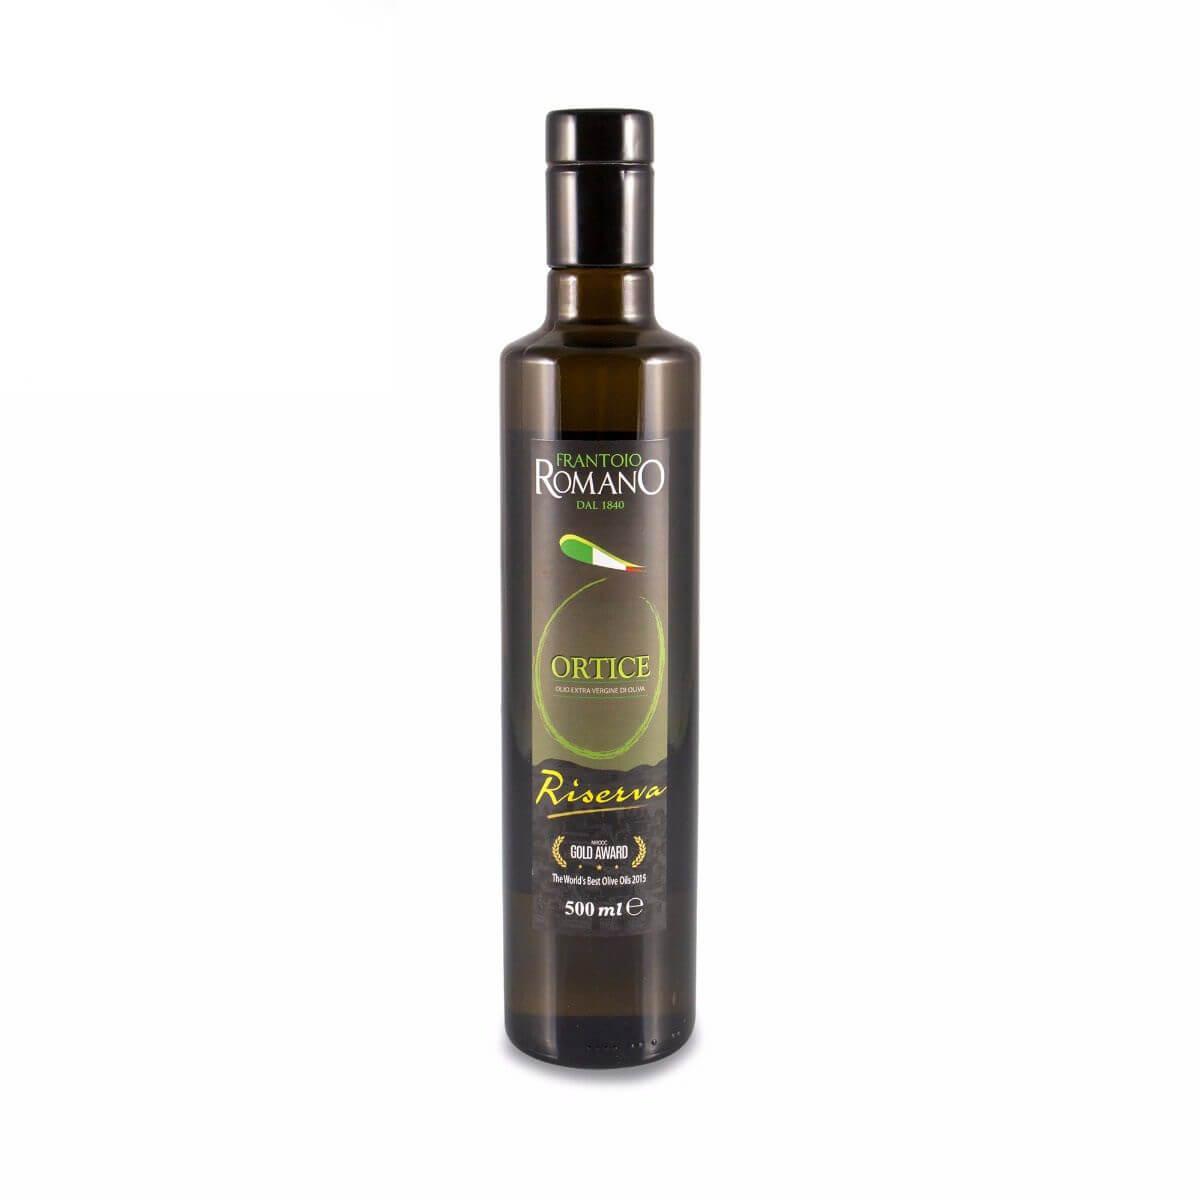 Olio extravergine di oliva Riserva